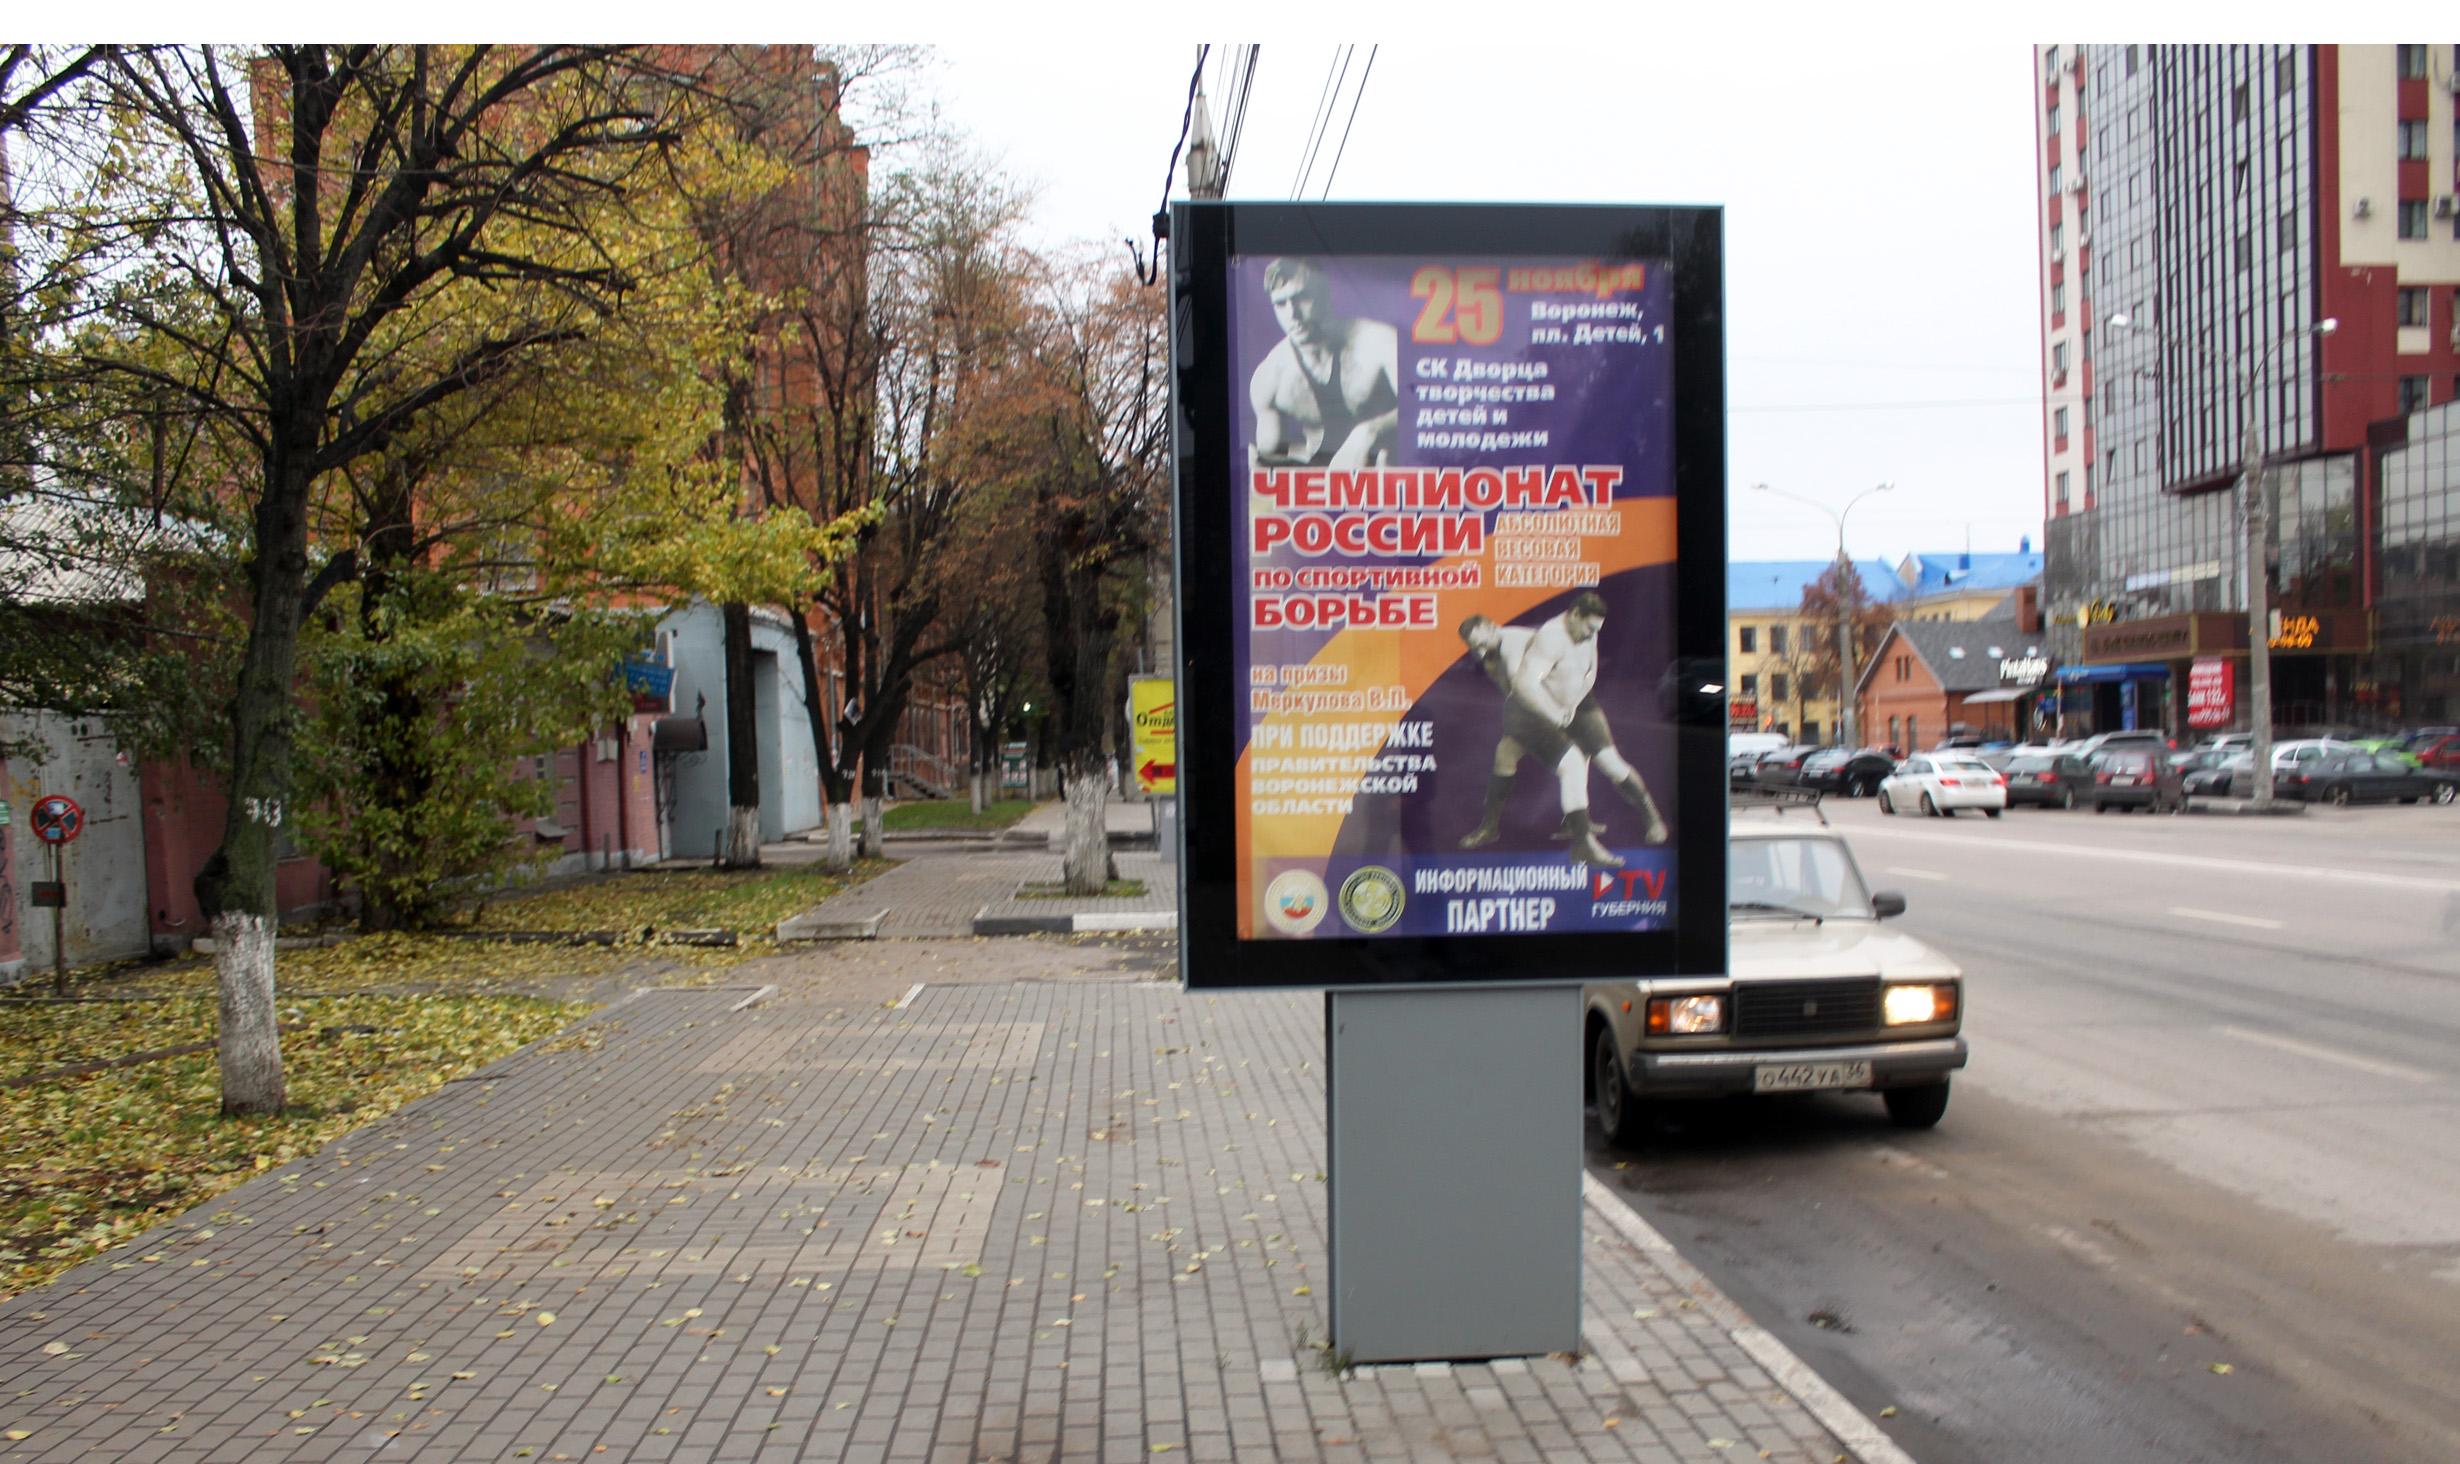 304В Ул. Кольцовская, д. 24 - 1